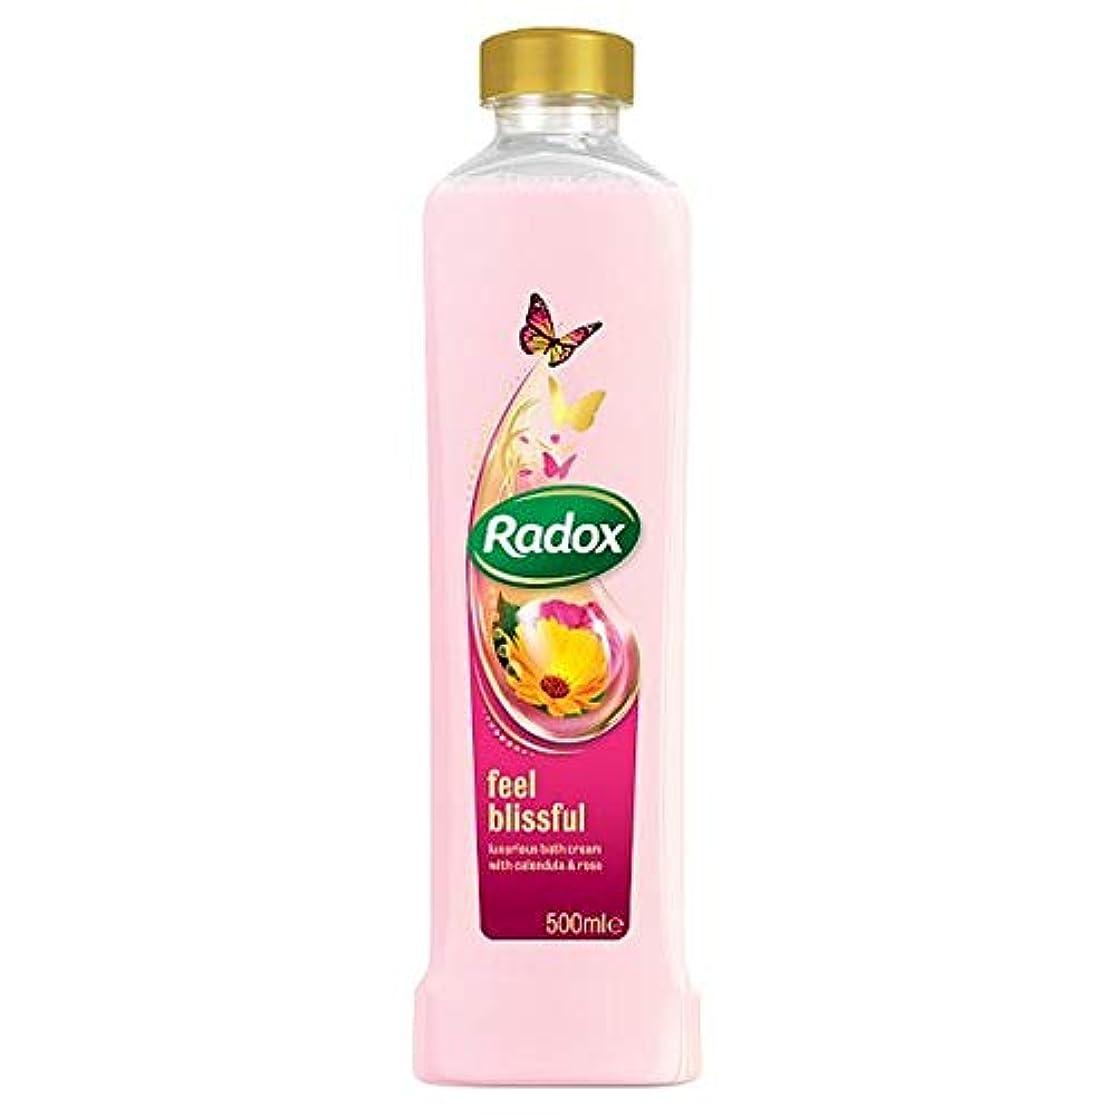 優先実行勇気のある[Radox] Radoxは500ミリリットル浸る至福の入浴を感じます - Radox Feel Blissful Bath Soak 500Ml [並行輸入品]